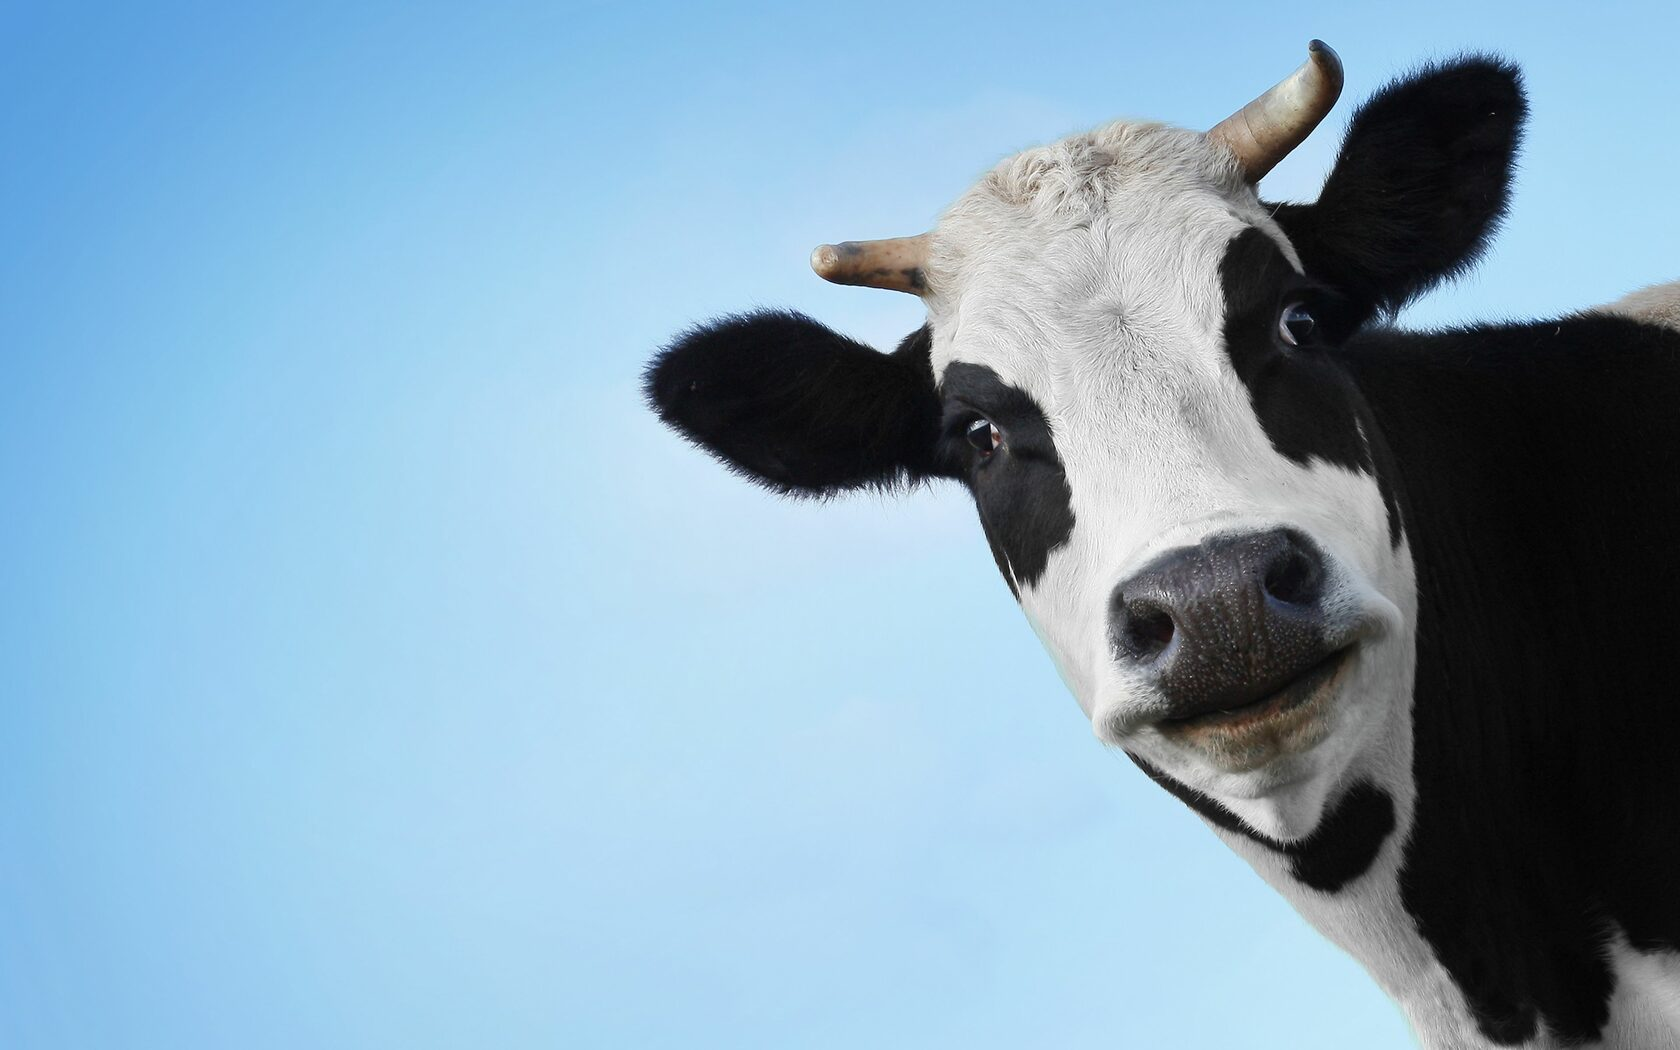 Суд в Швеции обязал фермеров завести подругу для коровы